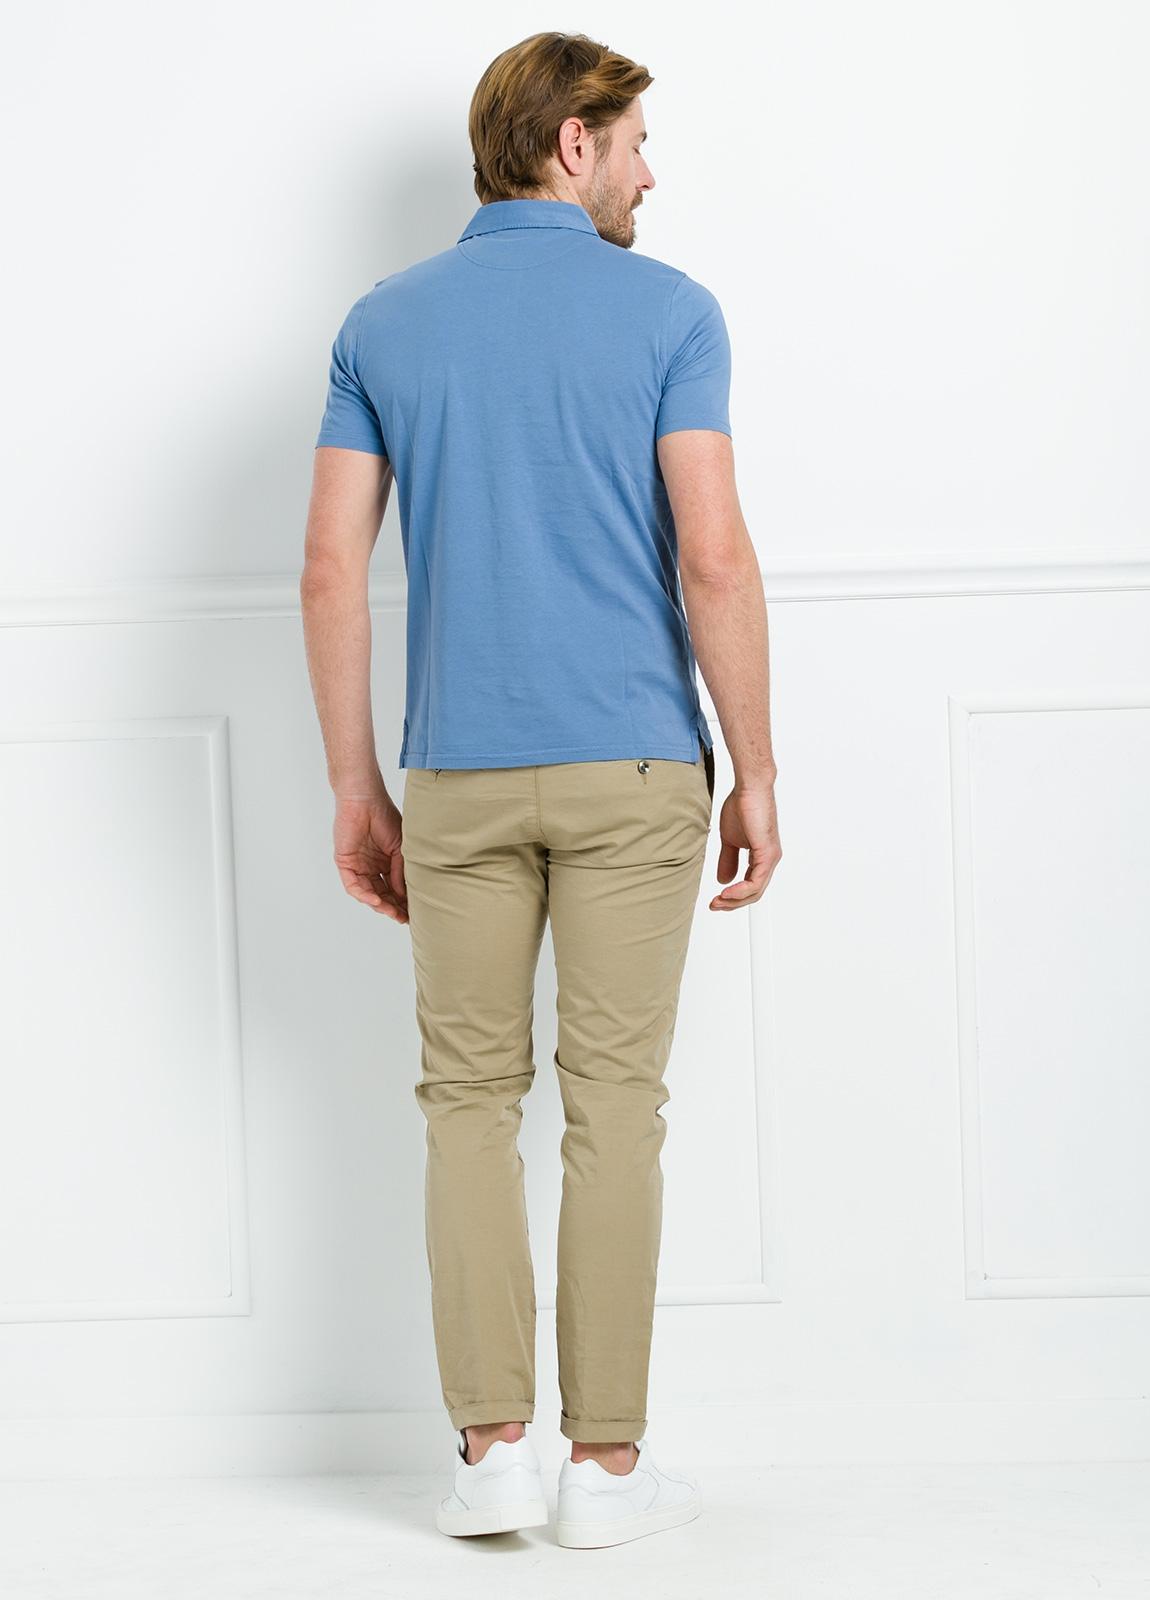 Polo liso manga corta color azul con bolsillo en pecho. 100% Algodón. - Ítem1